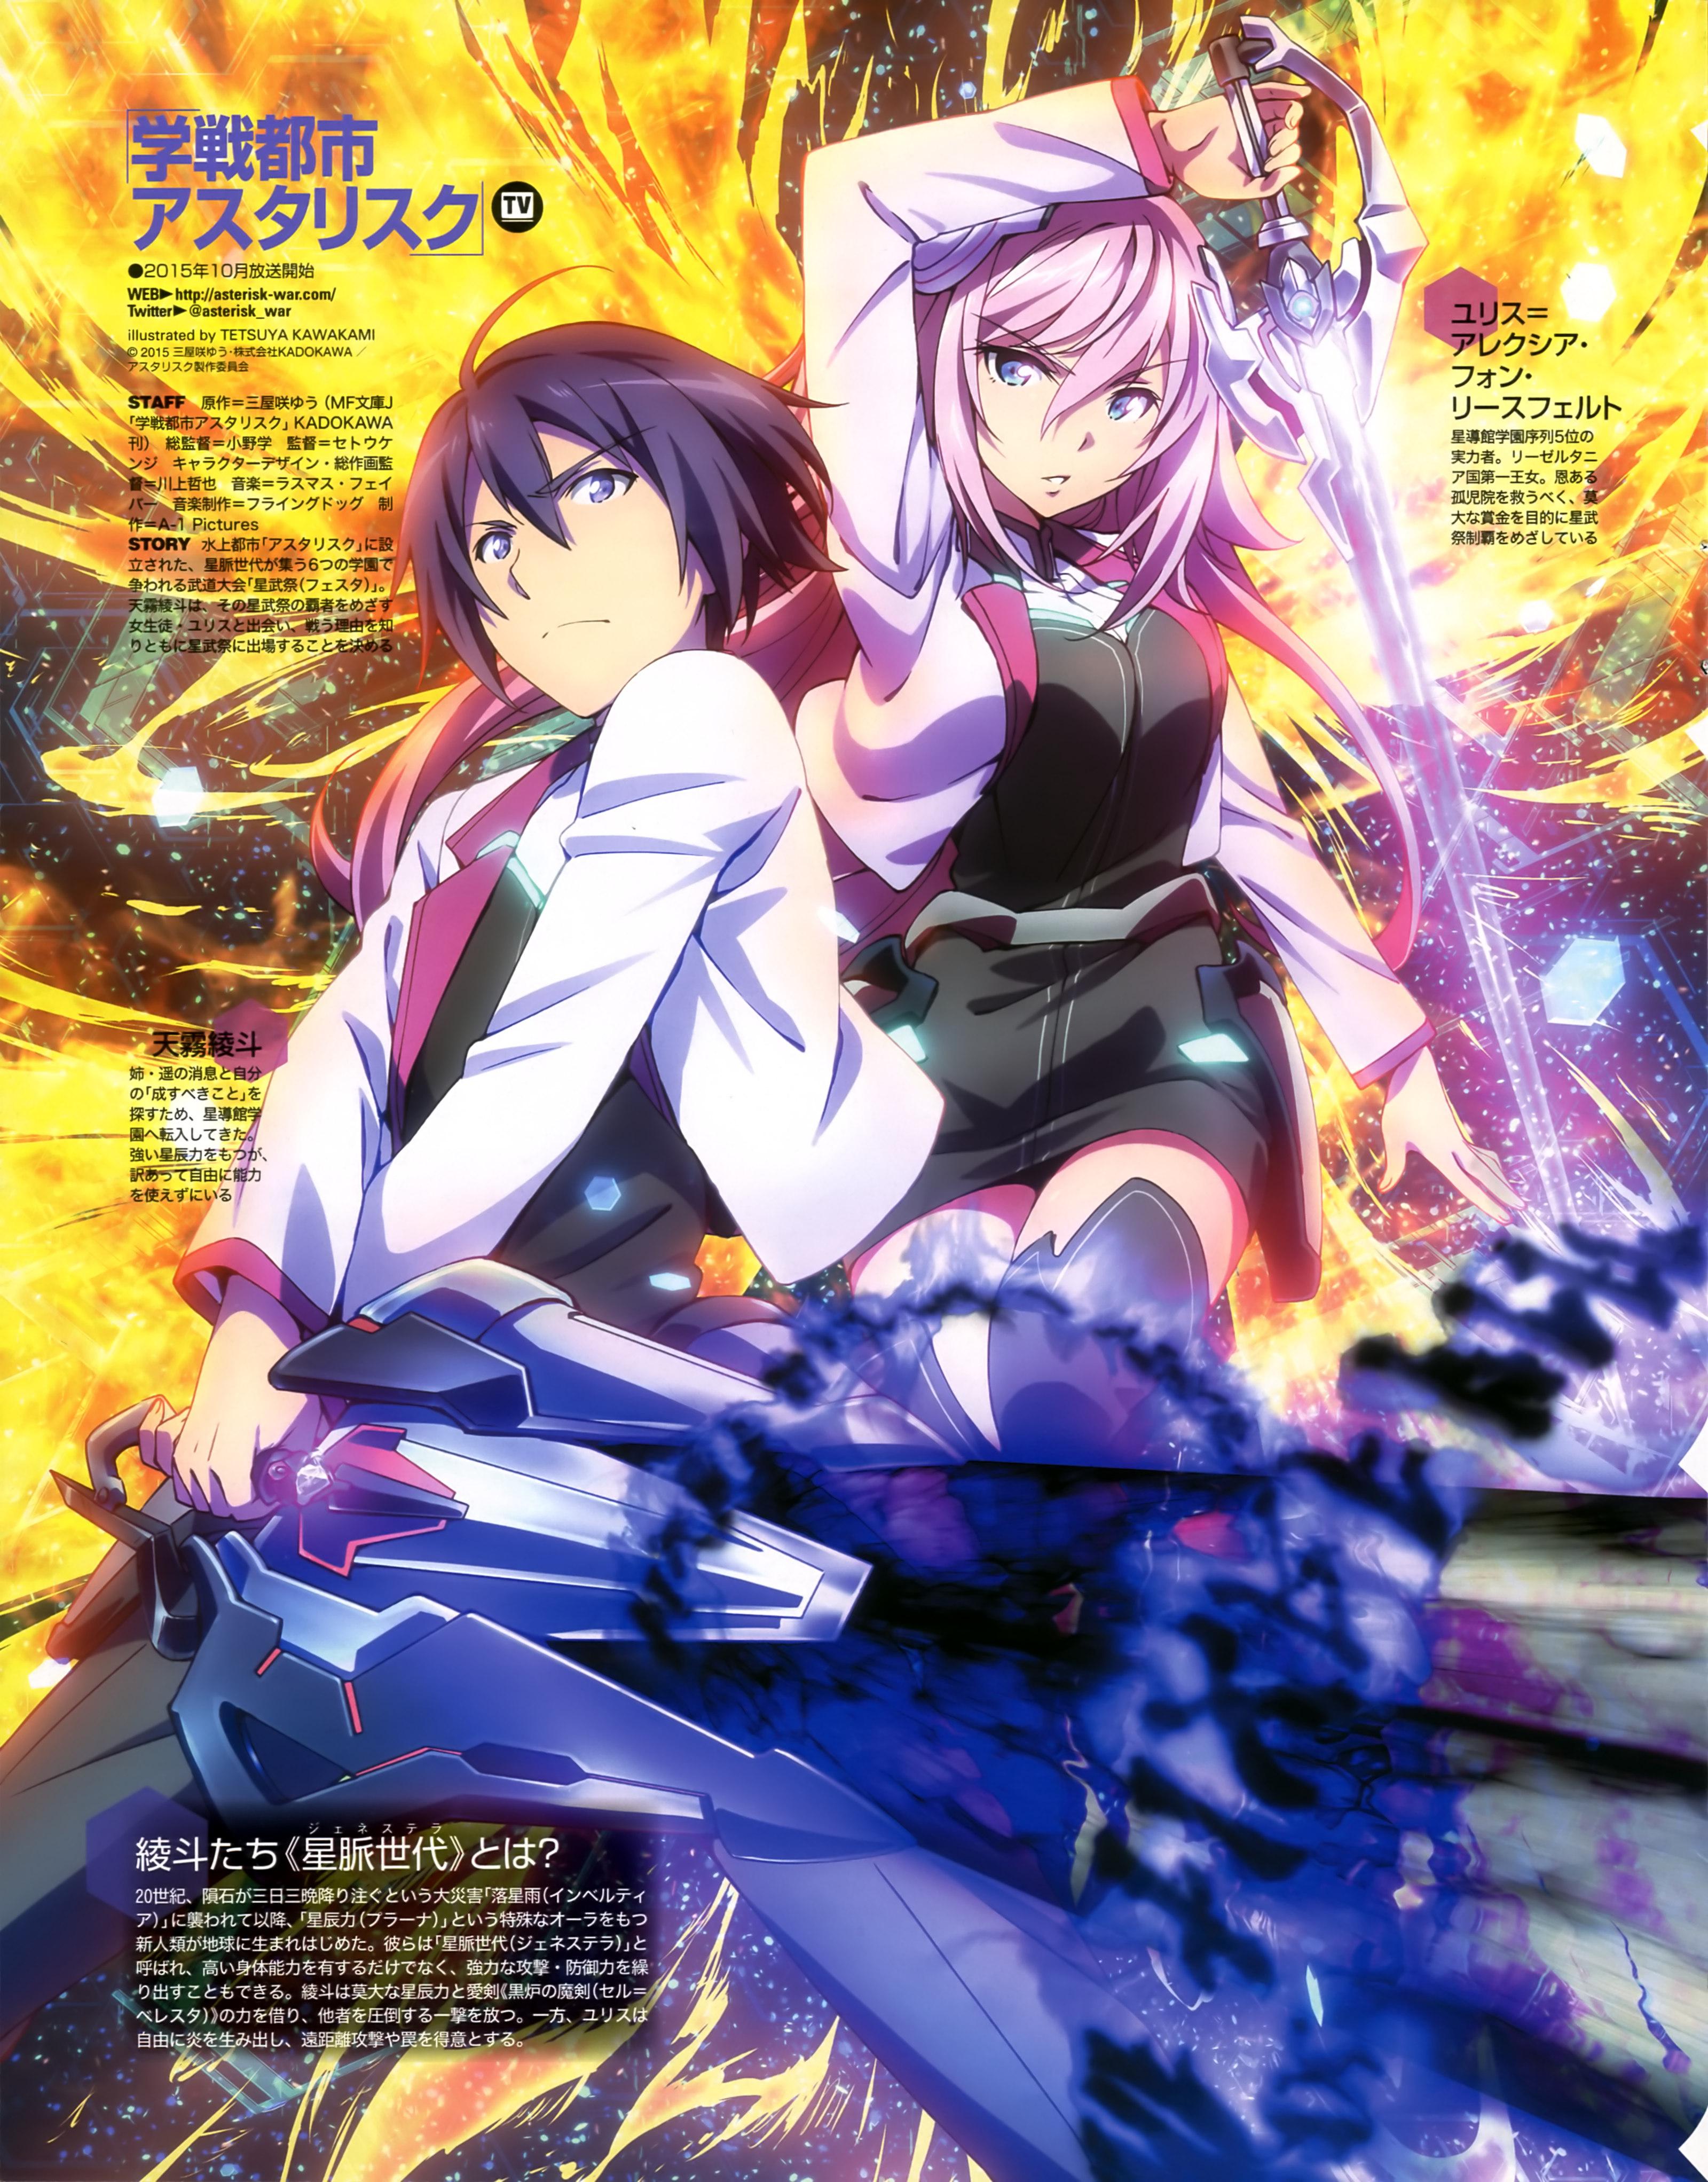 Gakusen Toshi Asterisk Anime Visual Revealed